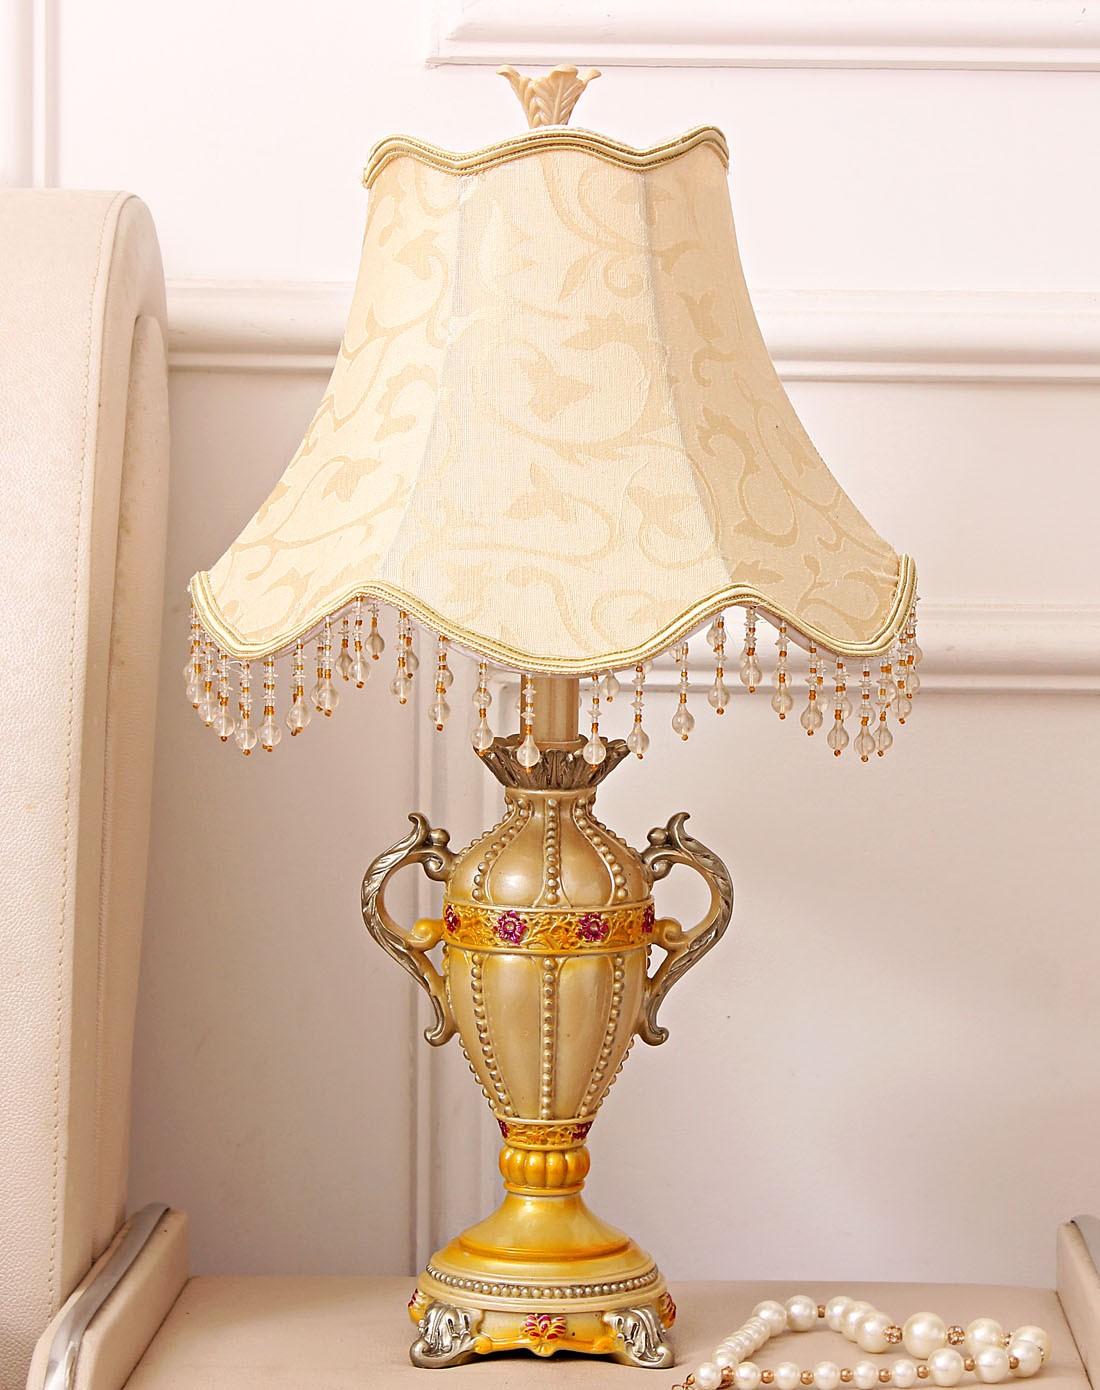 欧式复古装饰台灯图片